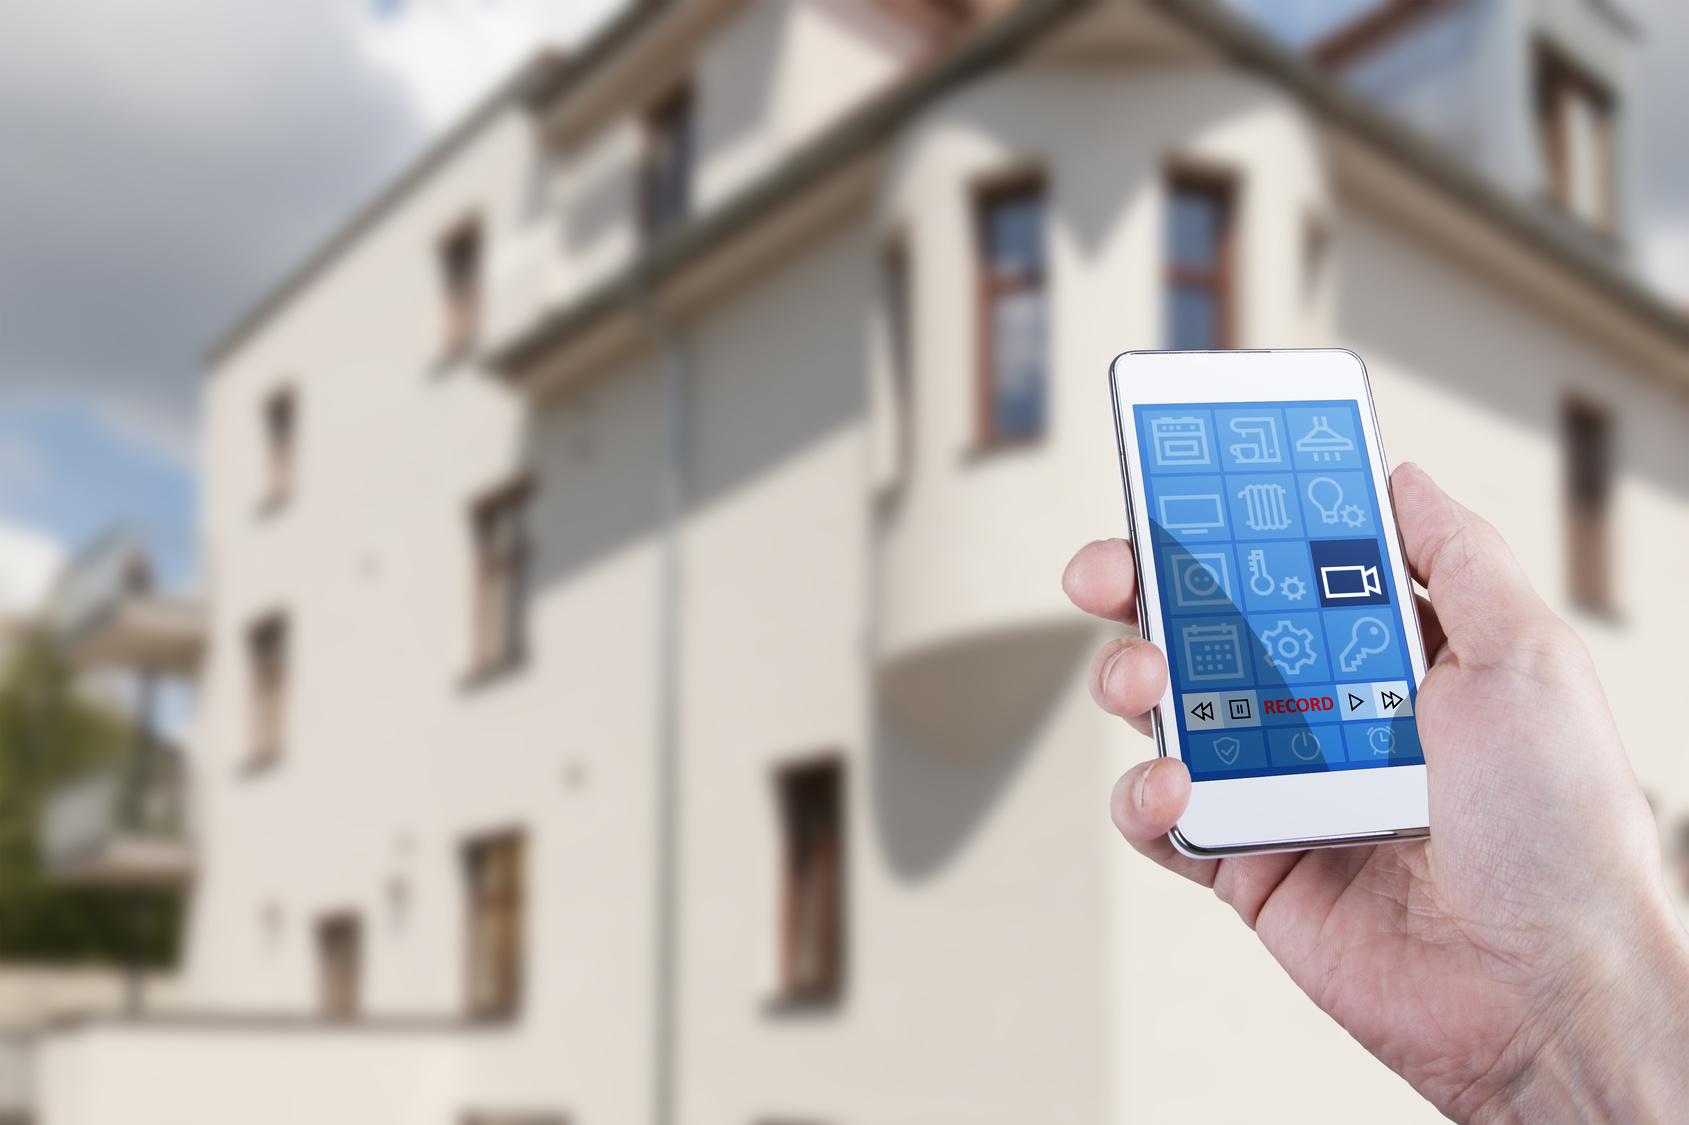 Passen Ihre Ansprüche Unter Ein Dach? Licht , Jalousie , Heizungs Steuerung  Und Mehr: Smart Home Ist Die Ideale Lösung Für Hohe Ansprüche An  Sicherheit, ...